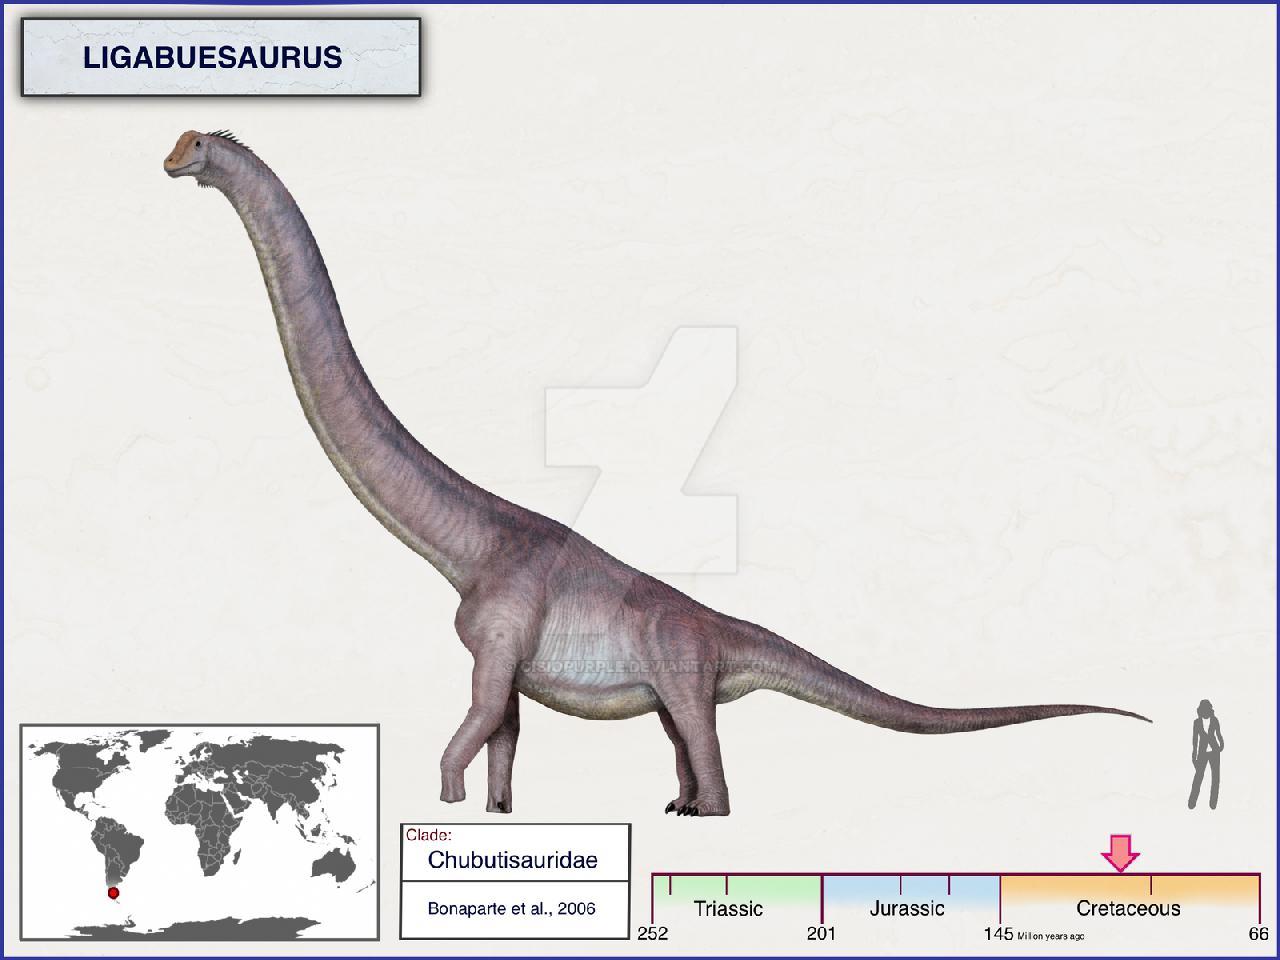 Ligabuesaurus